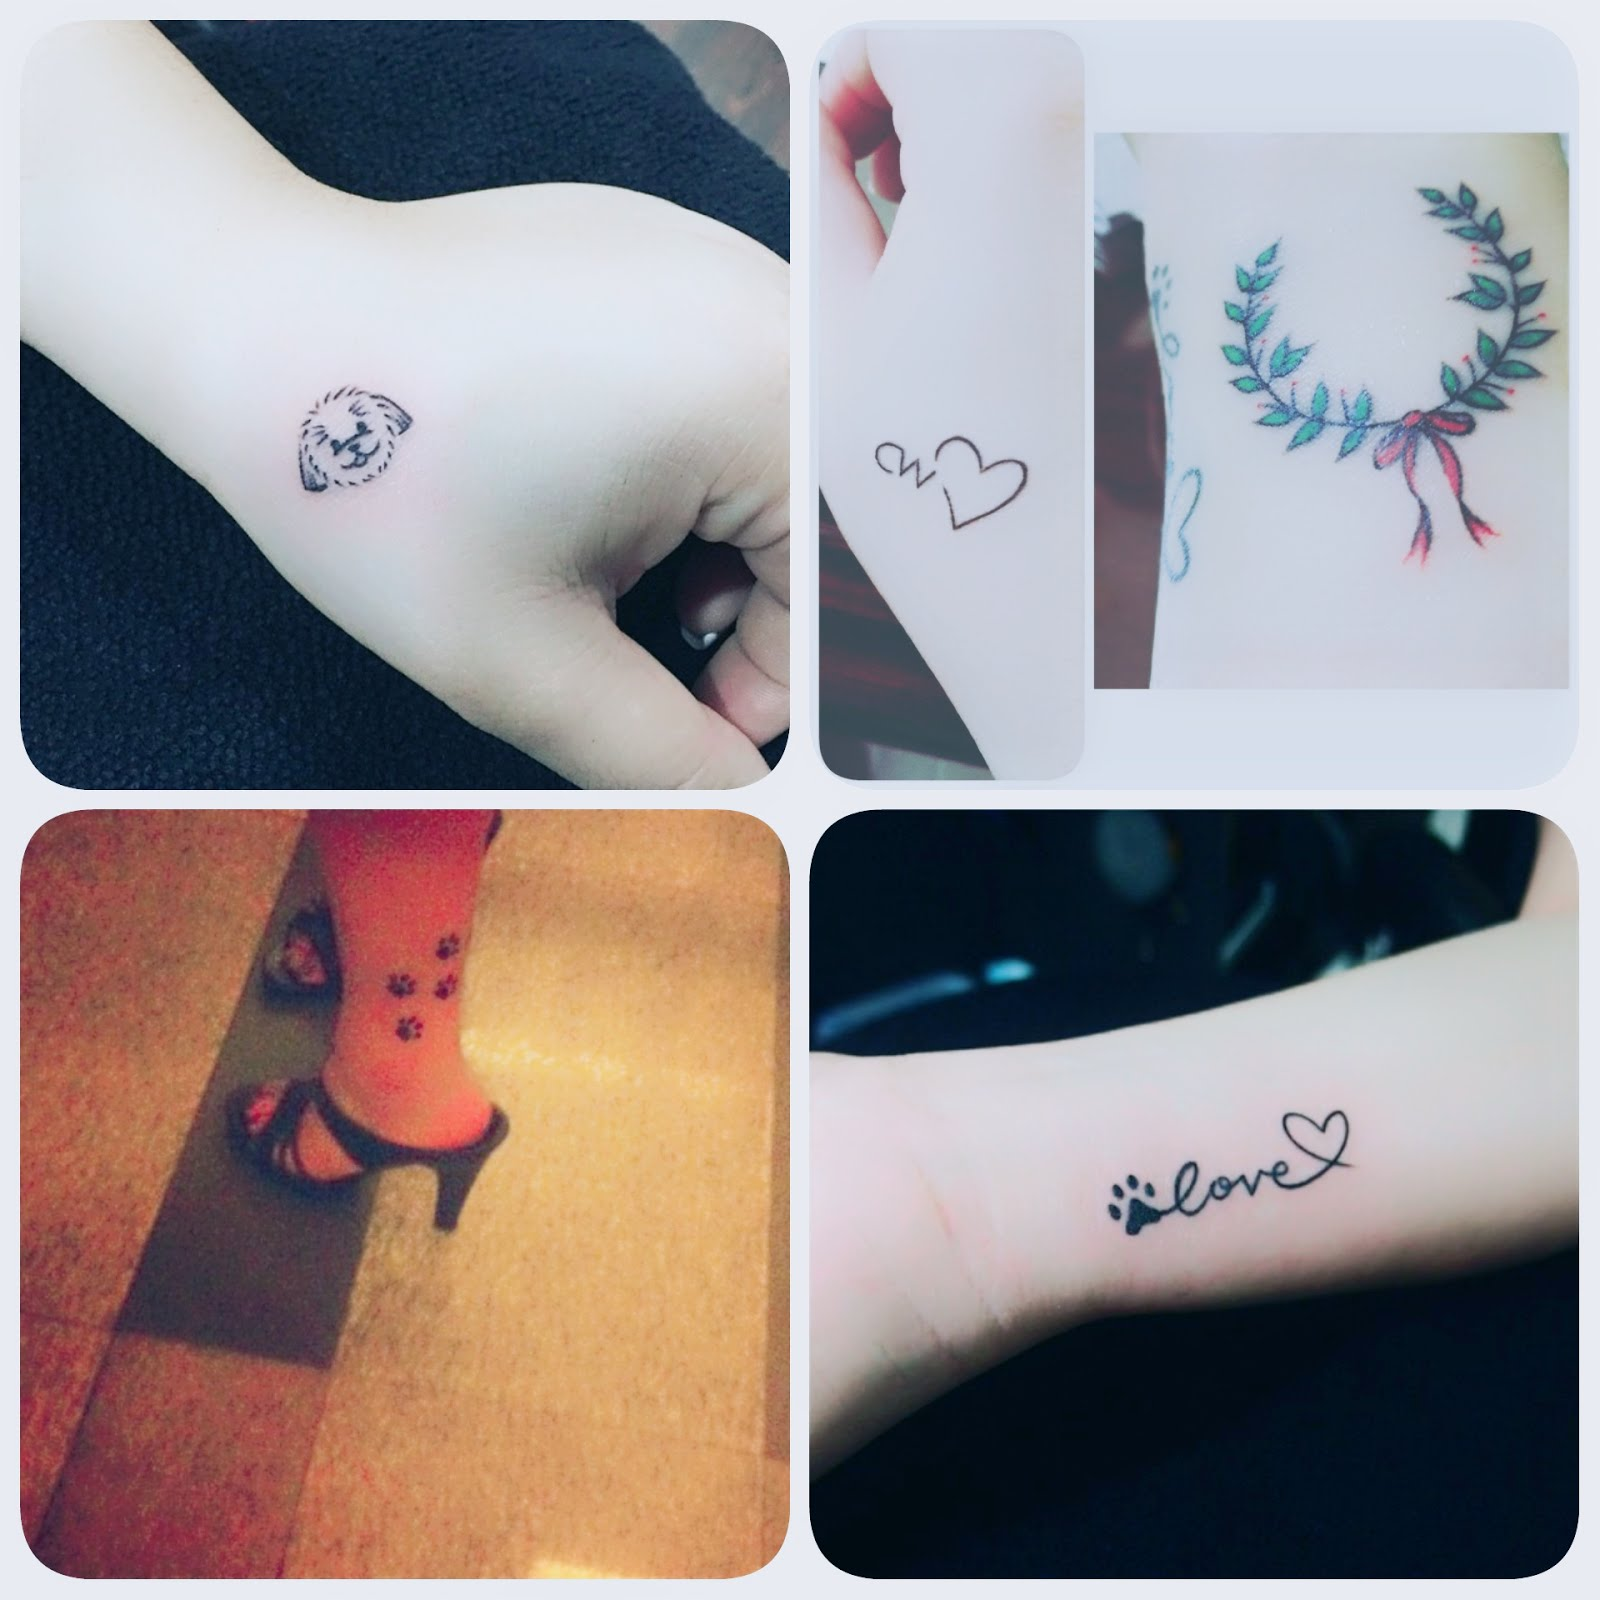 ❤ 纹身控 ❤